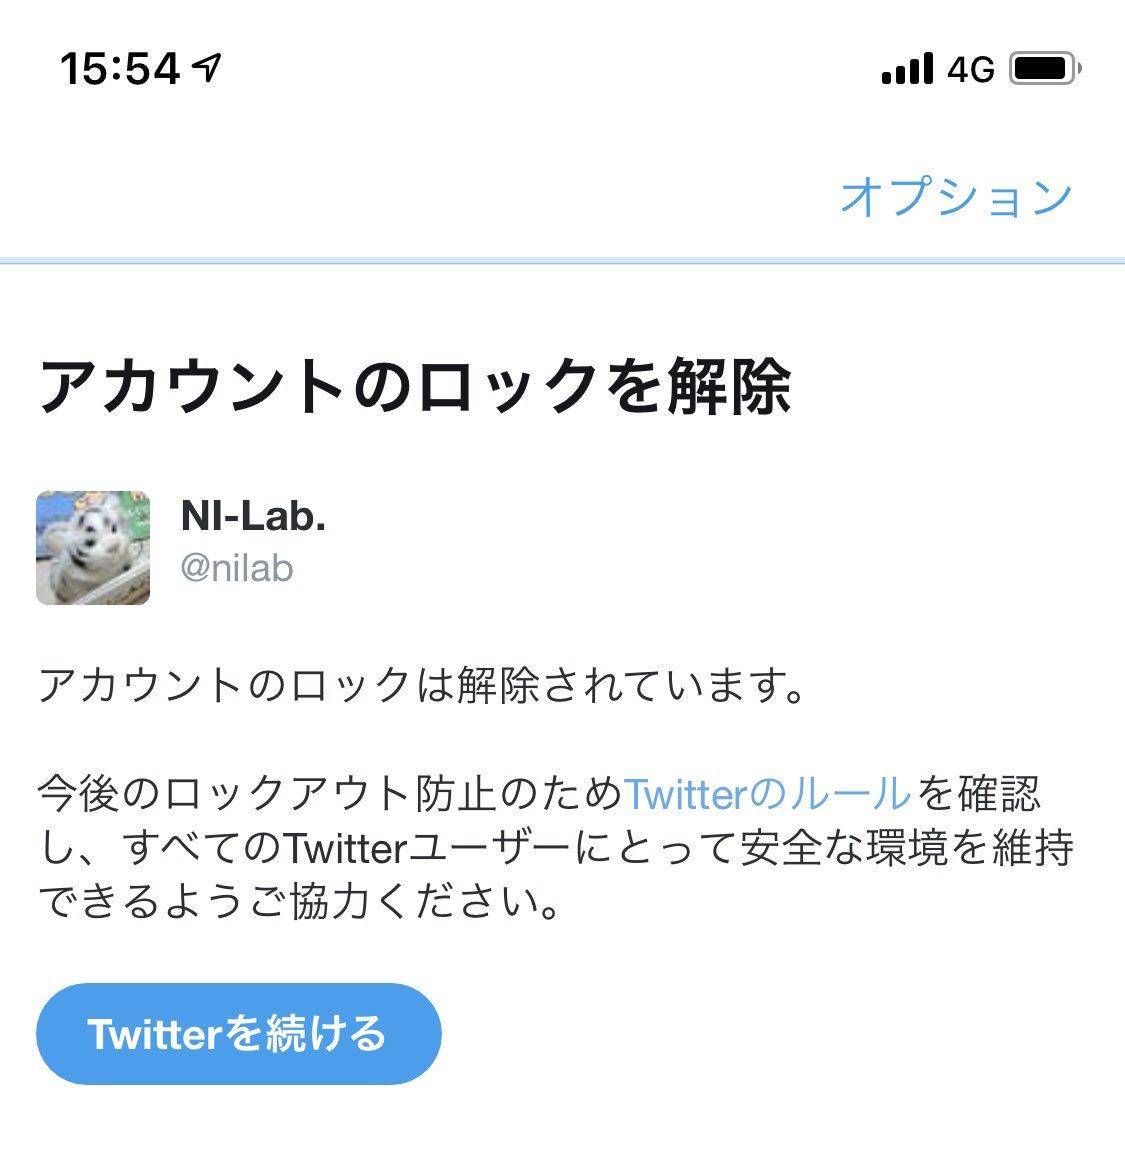 Twitterアカウントがまたロックされてしまったので。解除はサクッとできる。 https://t.co/437kUcBdLh